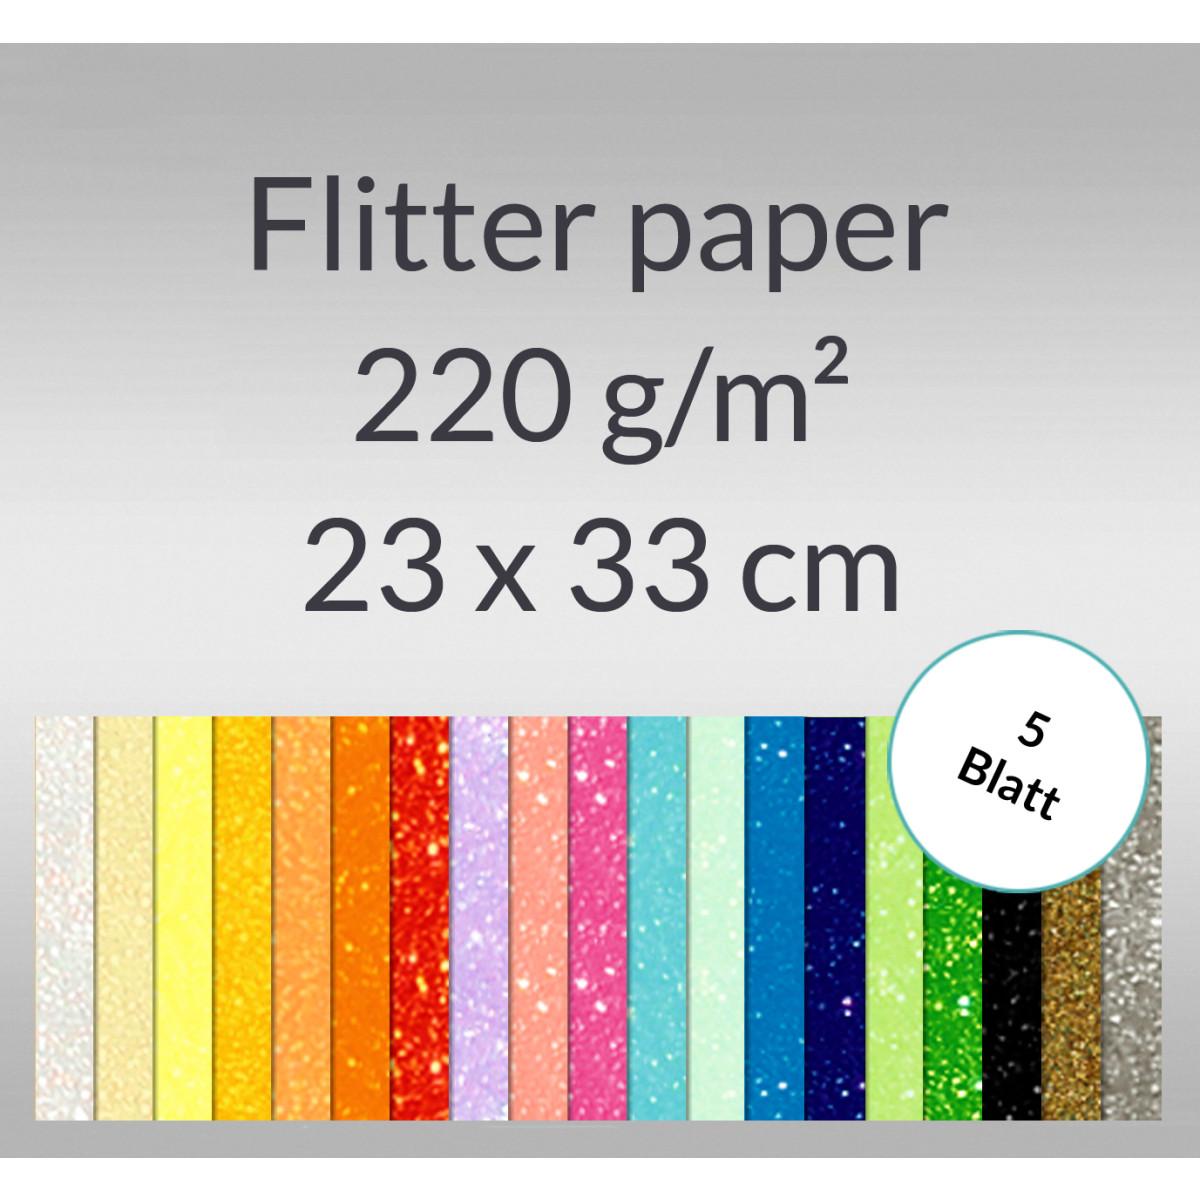 Flitterpapier 23 x 33 cm - 5 Blatt